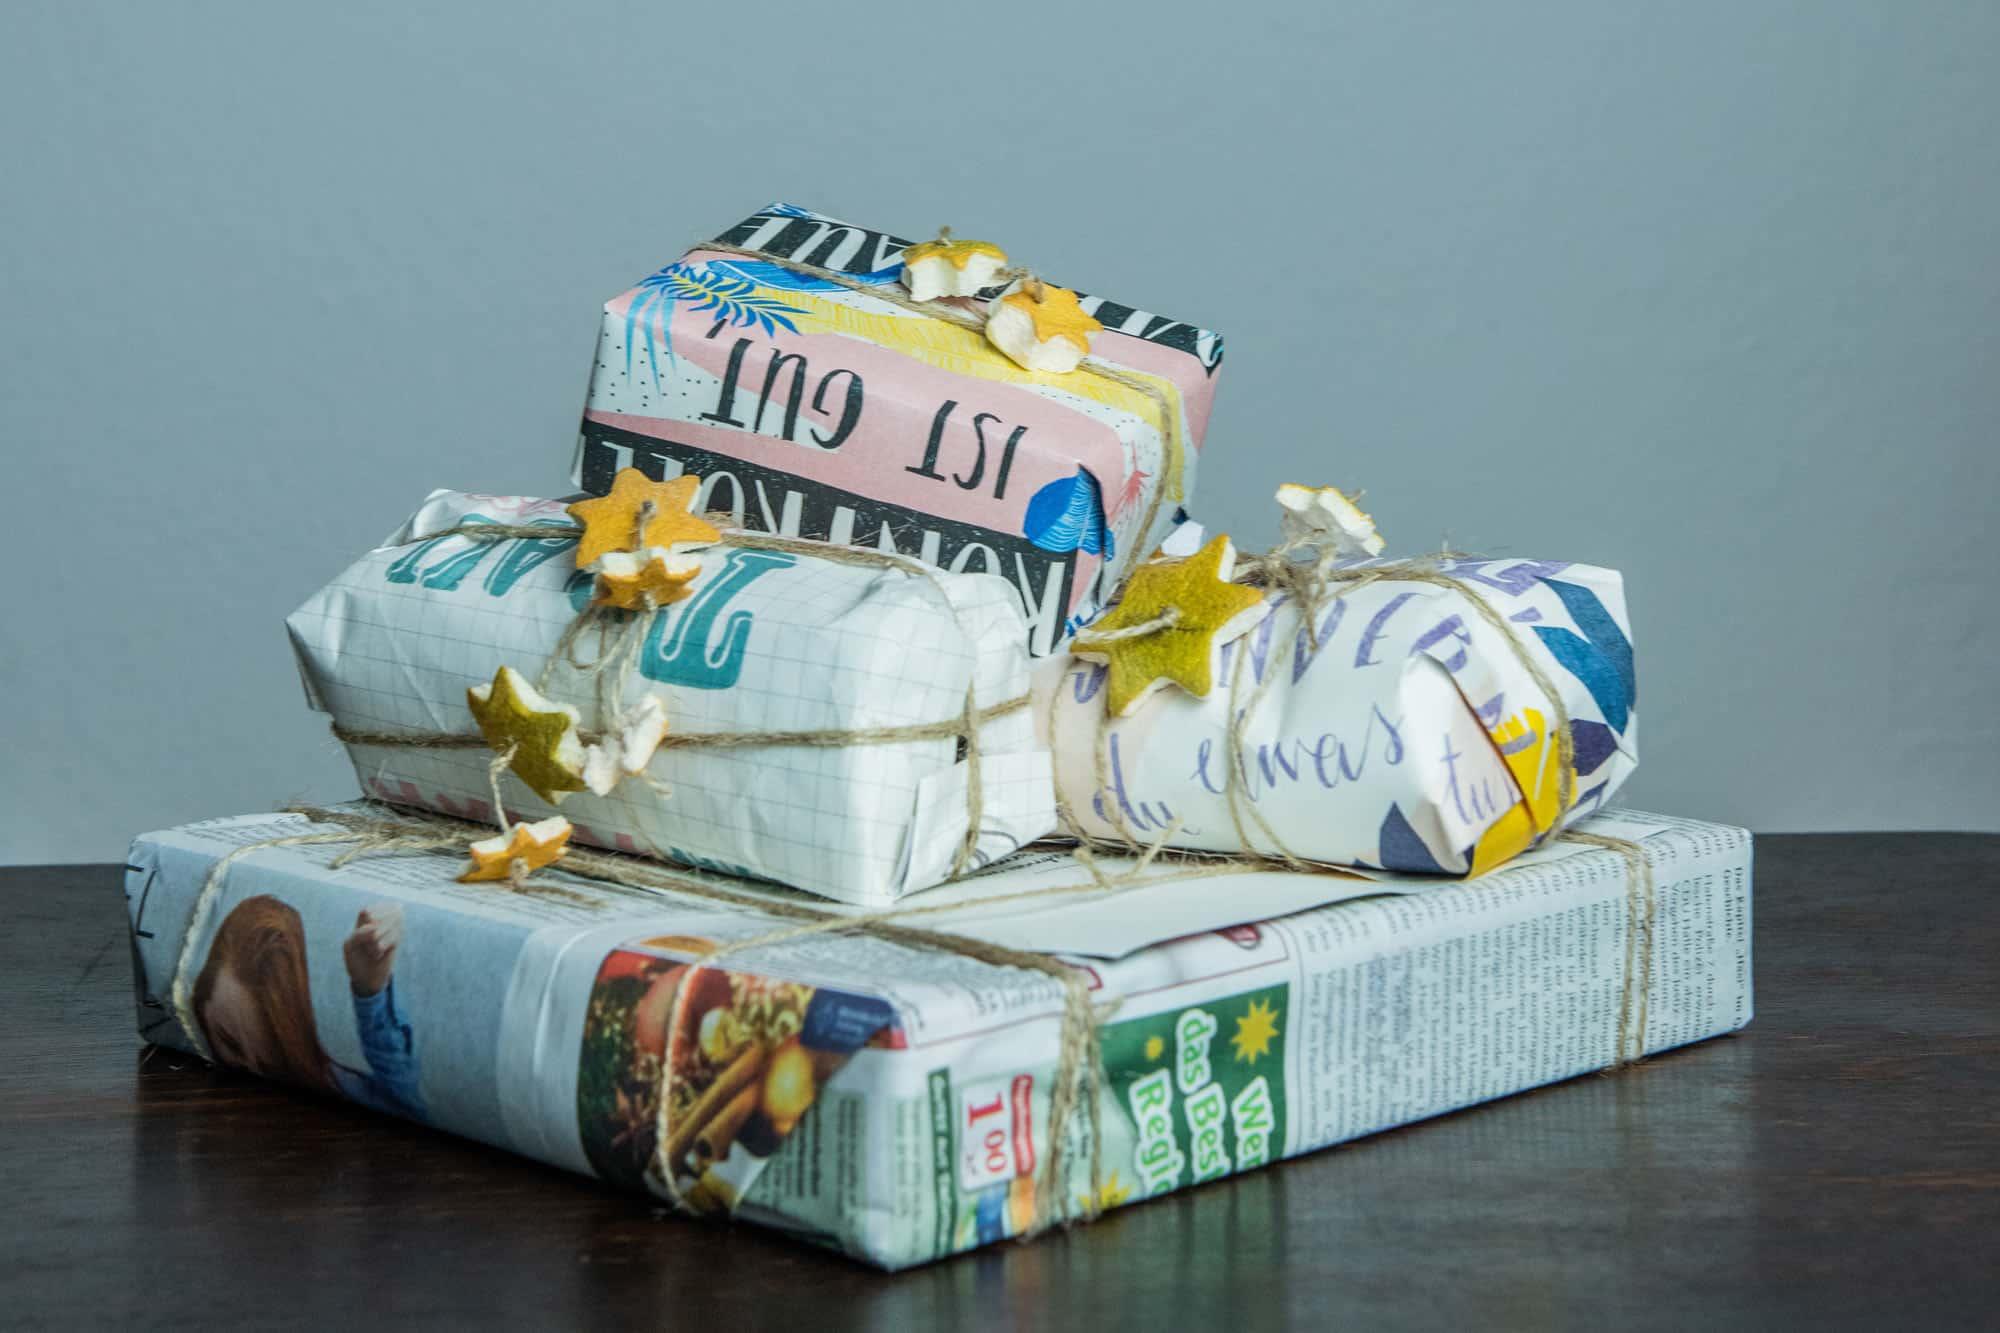 Geschenke in Zeitungspapier eingepackt und mit Sternen aus Orangenschalen geschmückt.